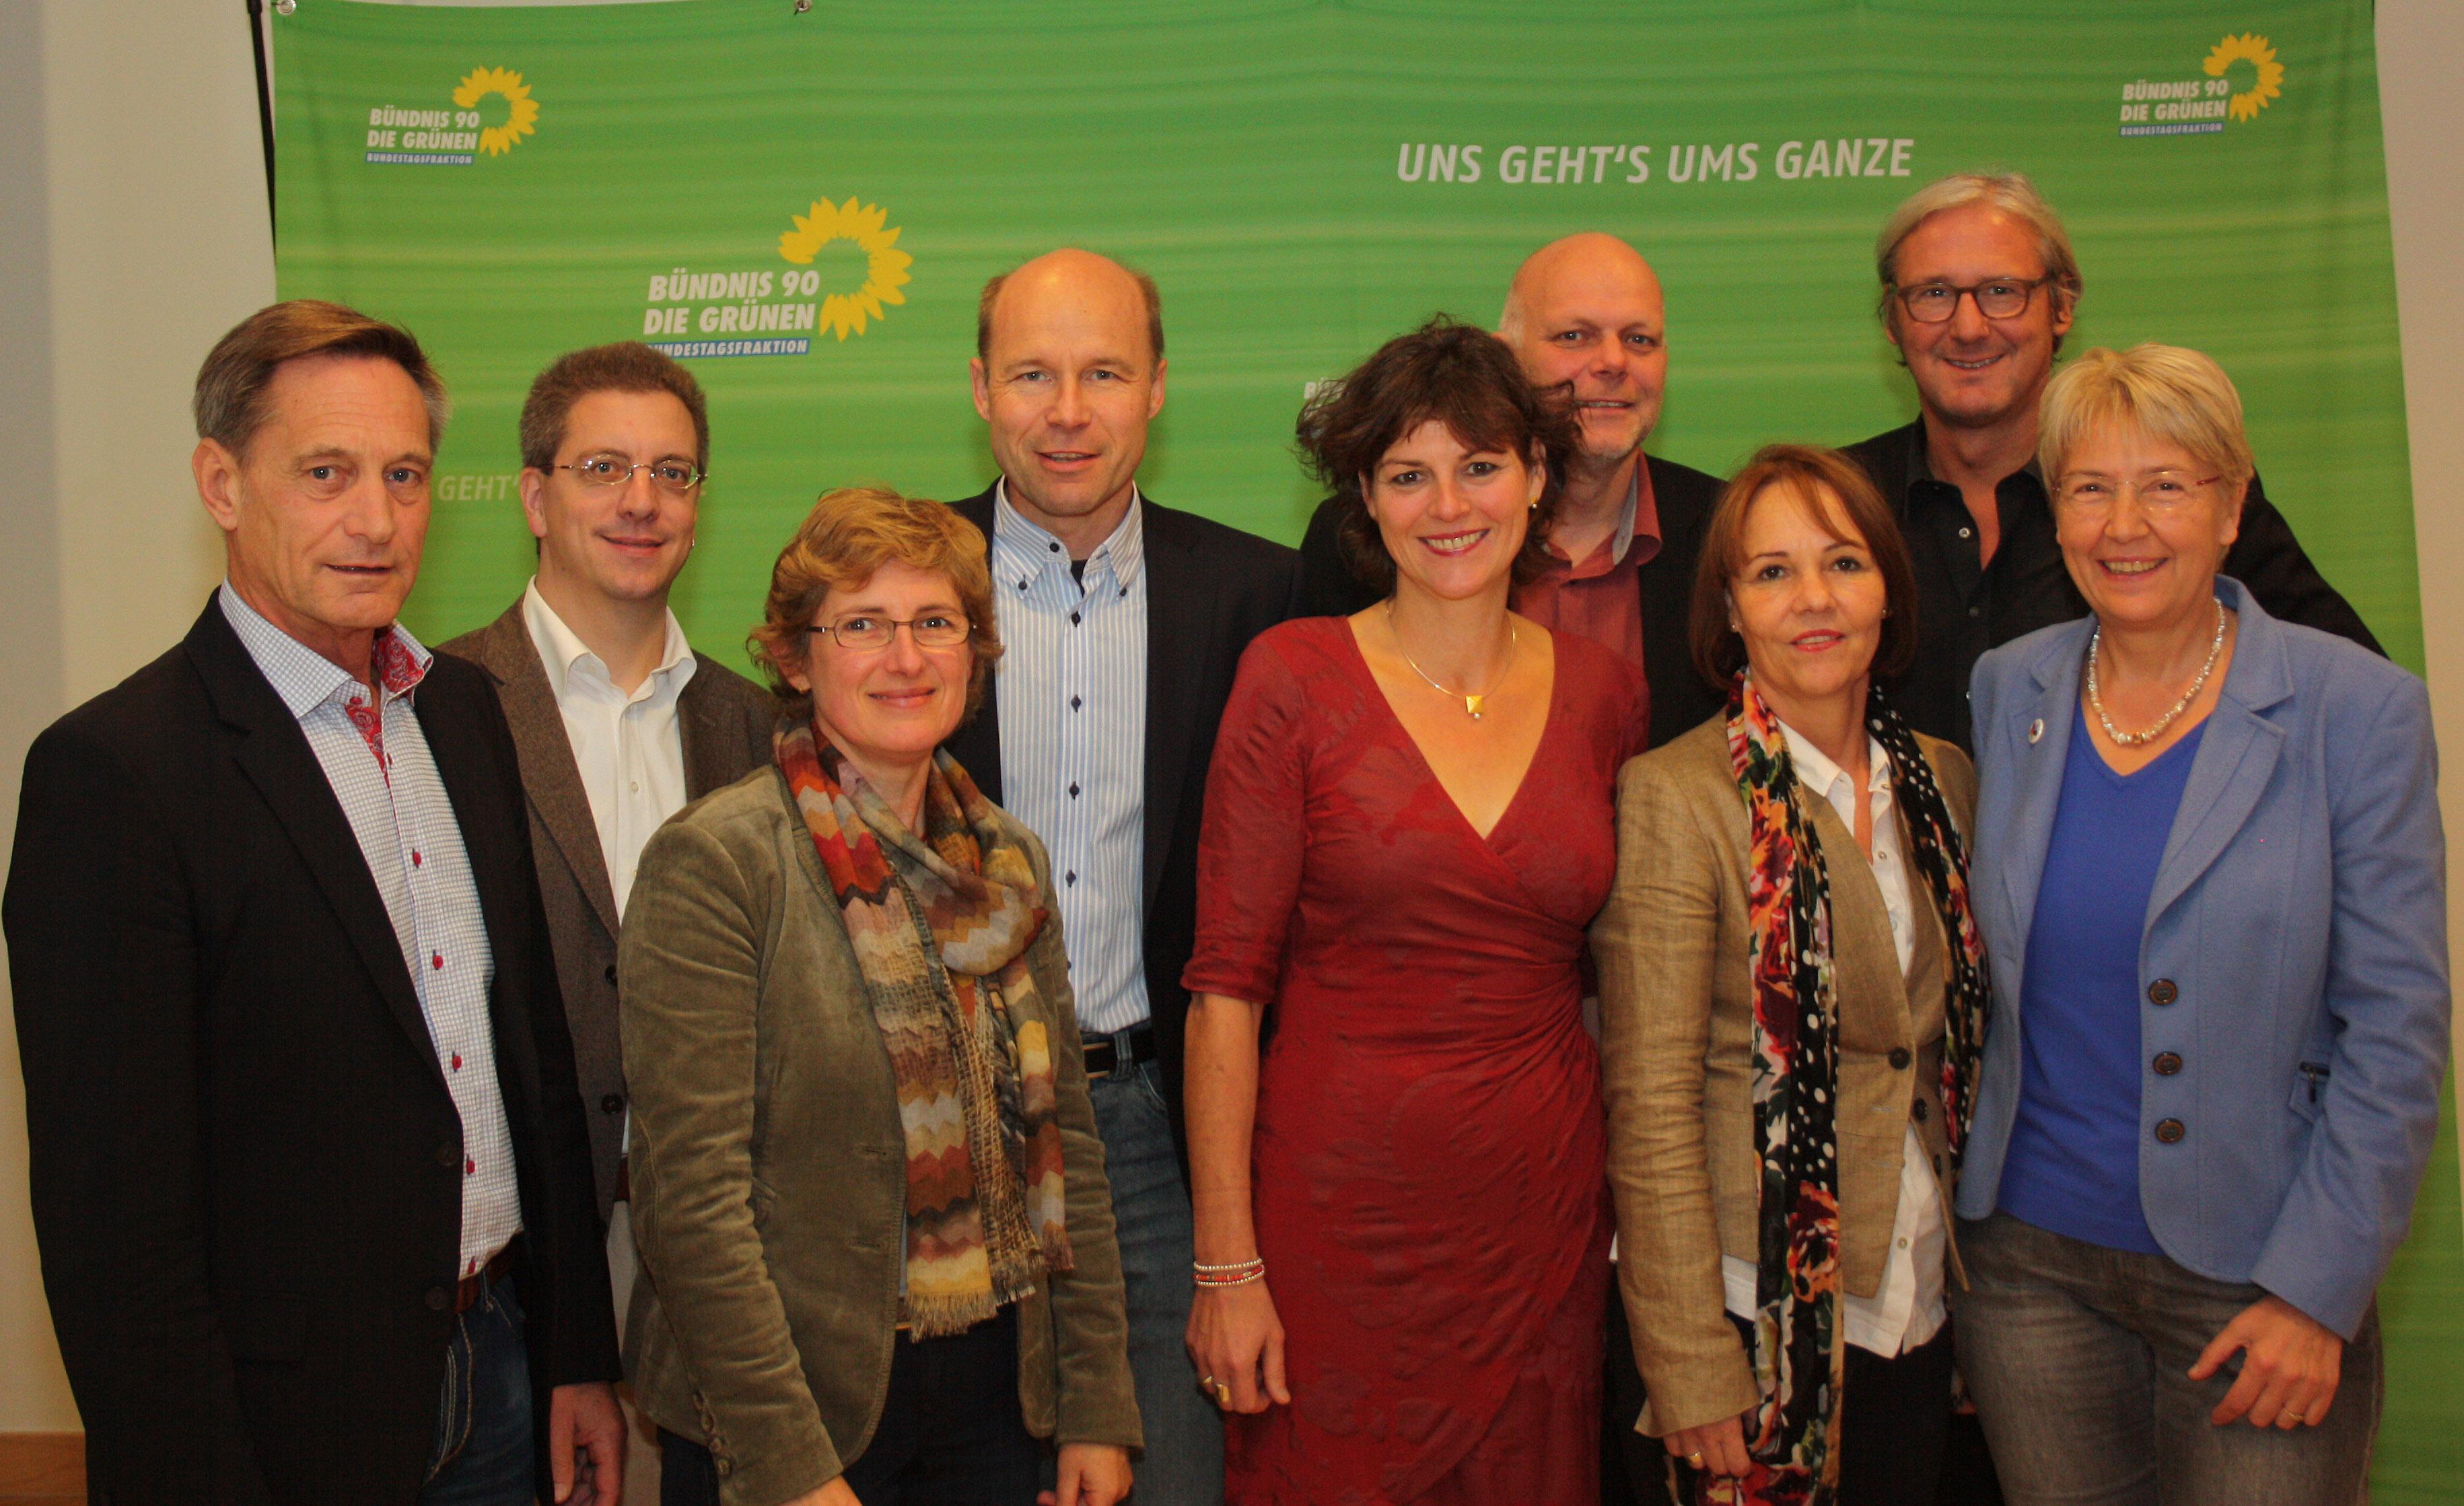 GRÜNE Dezernentinnen und Dezernenten mit MdB Birtta Hasselmann